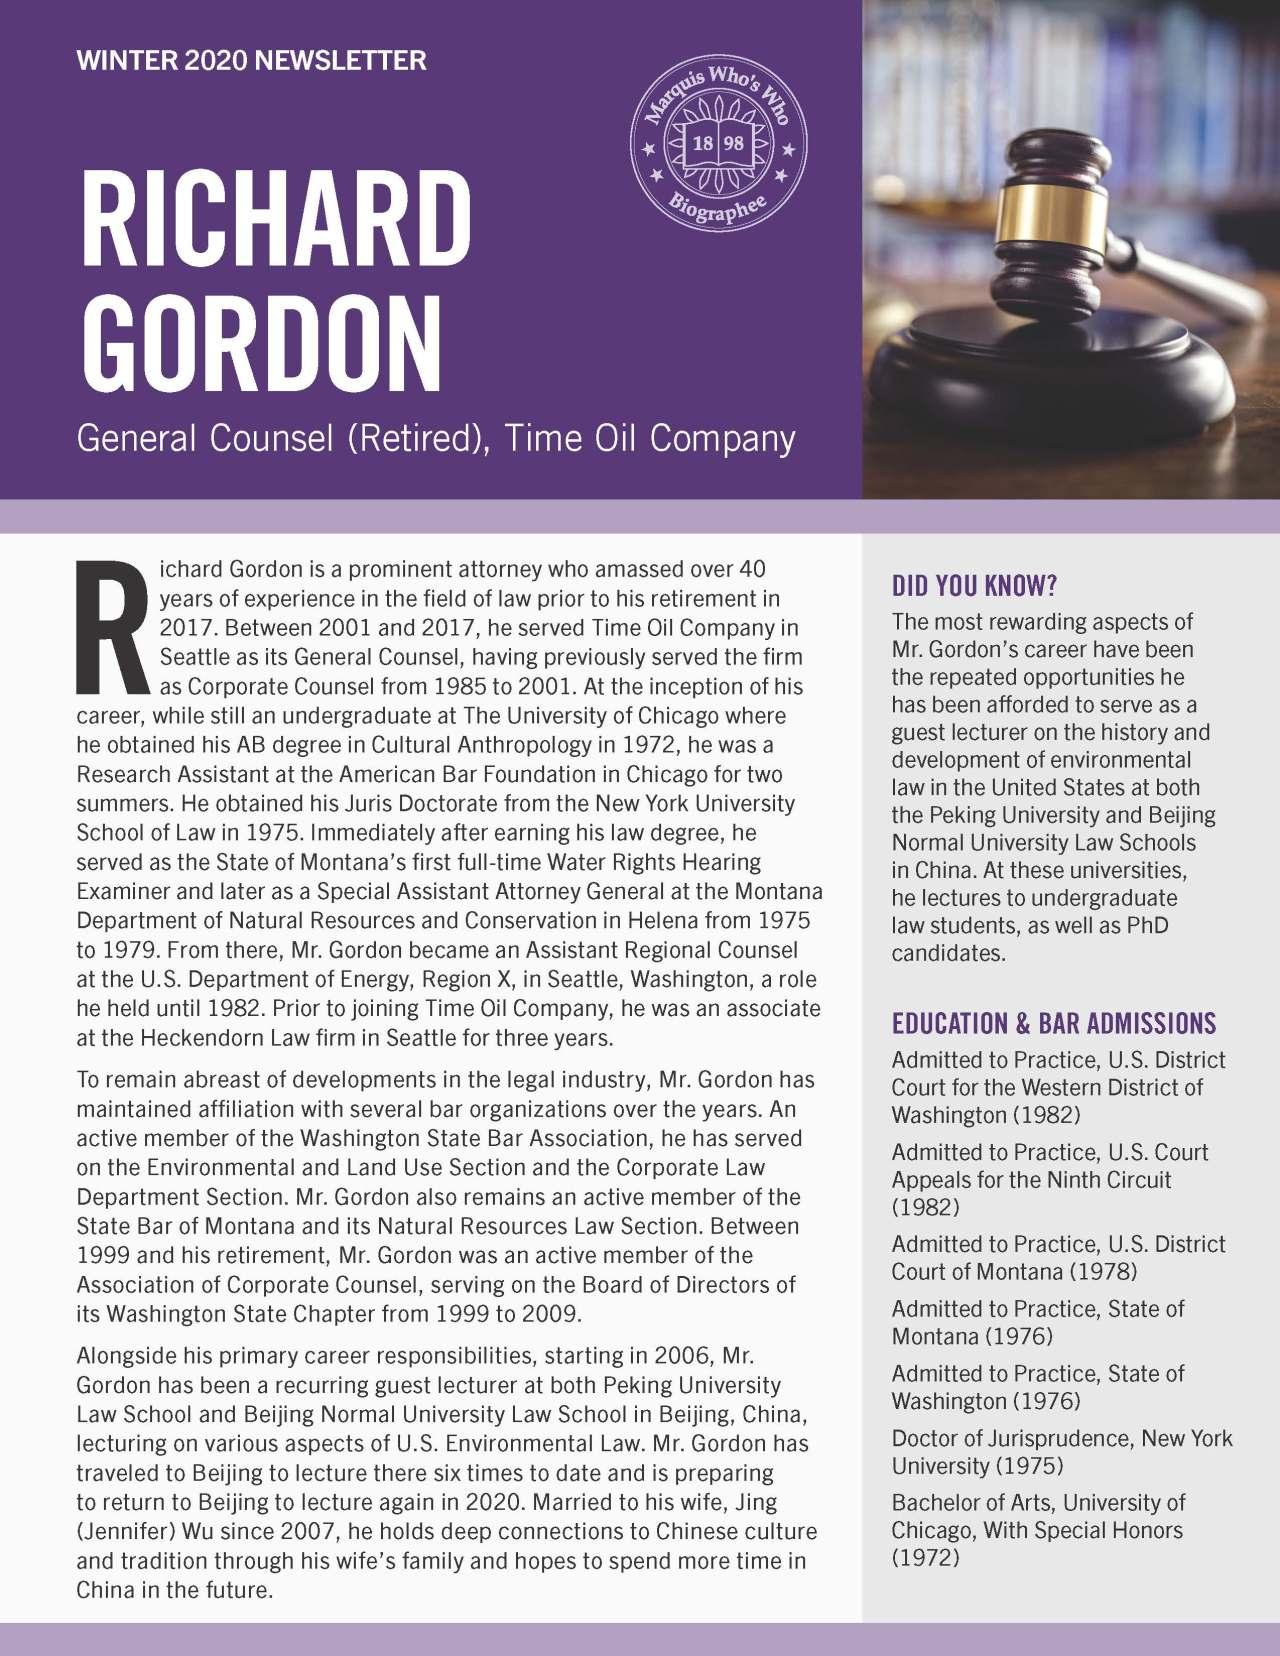 Gordon, Richard 4788043_22893424 Newsletter REVISED